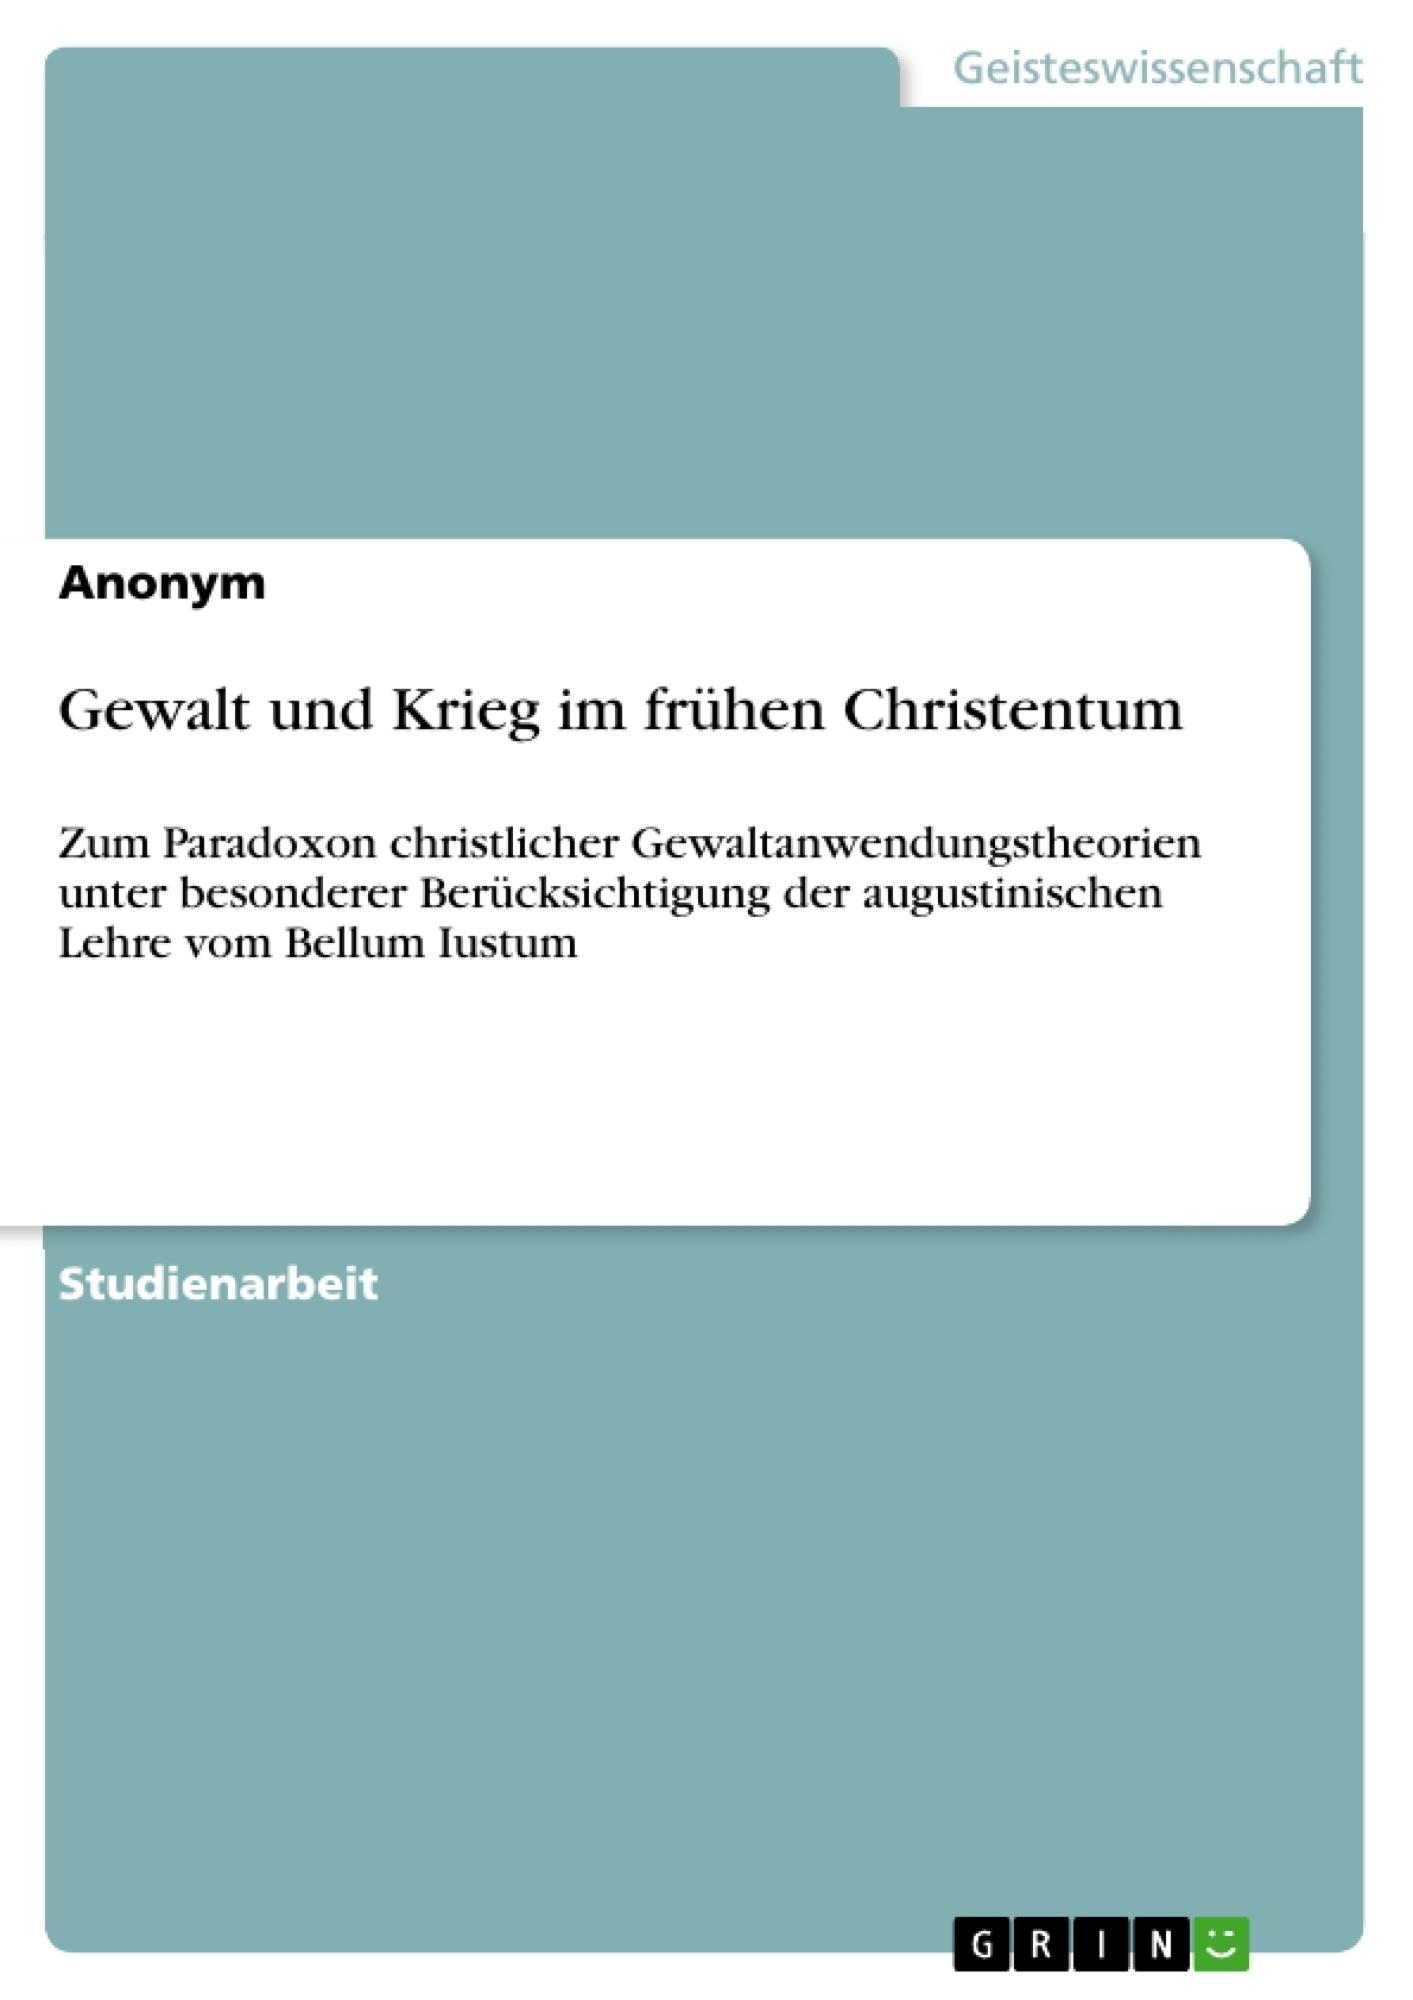 Titel: Gewalt und Krieg im frühen Christentum